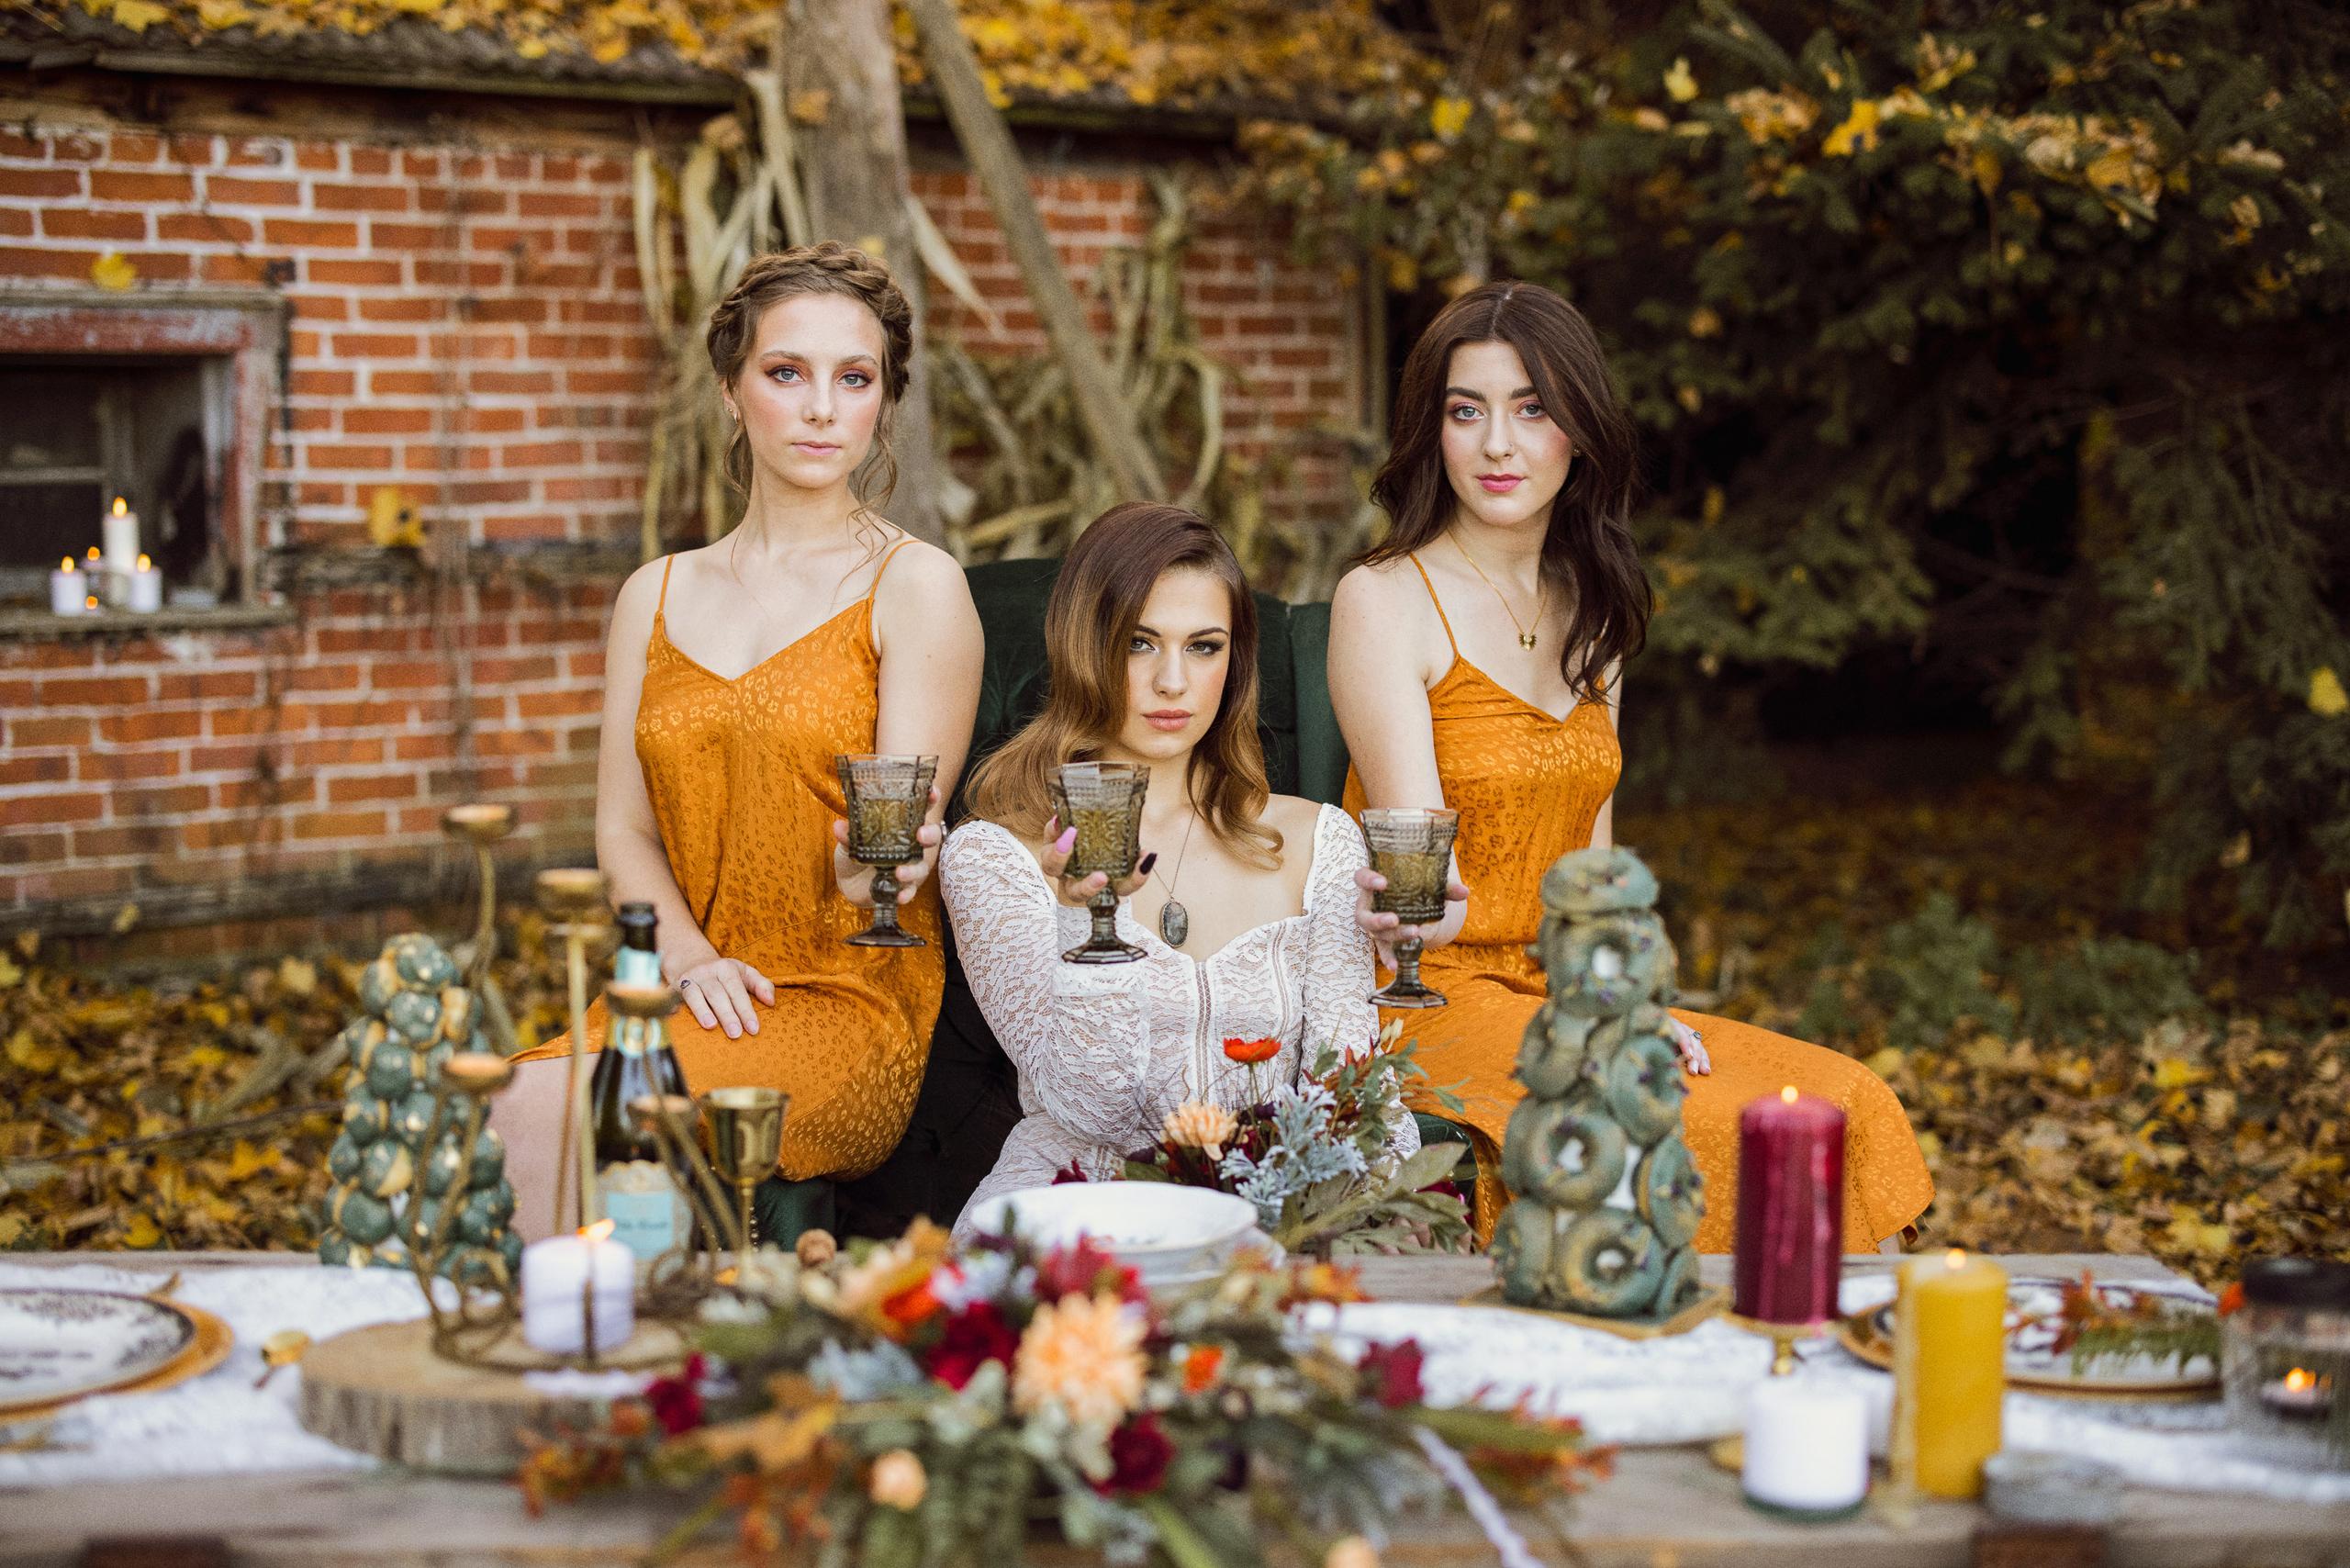 southcoats beauty co hair makeup bridal afterglow images niagara